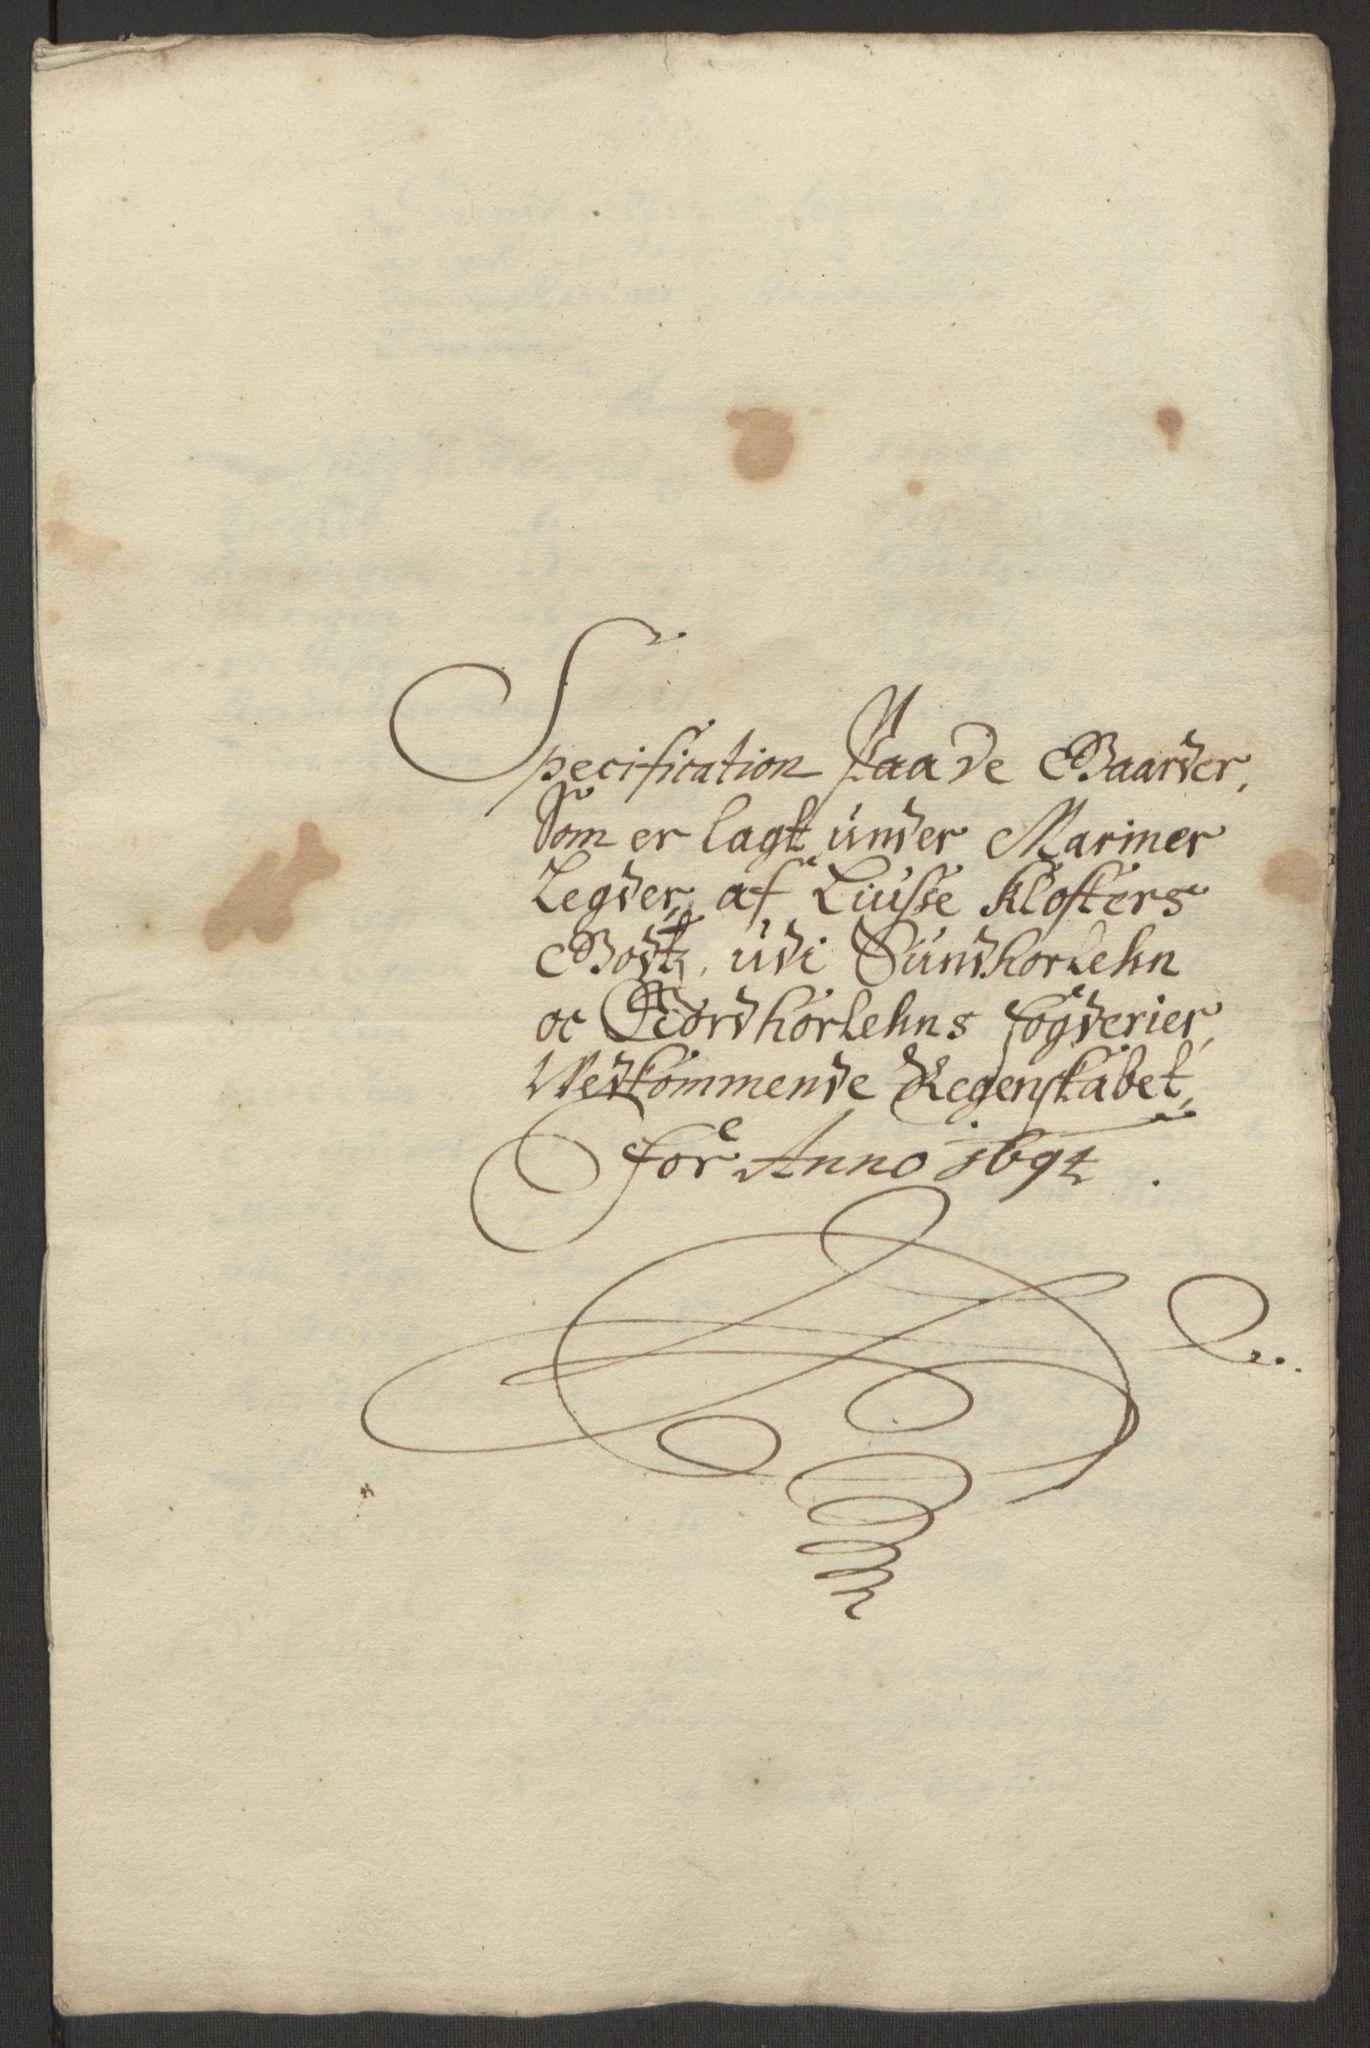 RA, Rentekammeret inntil 1814, Reviderte regnskaper, Fogderegnskap, R50/L3159: Fogderegnskap Lyse kloster, 1691-1709, s. 31